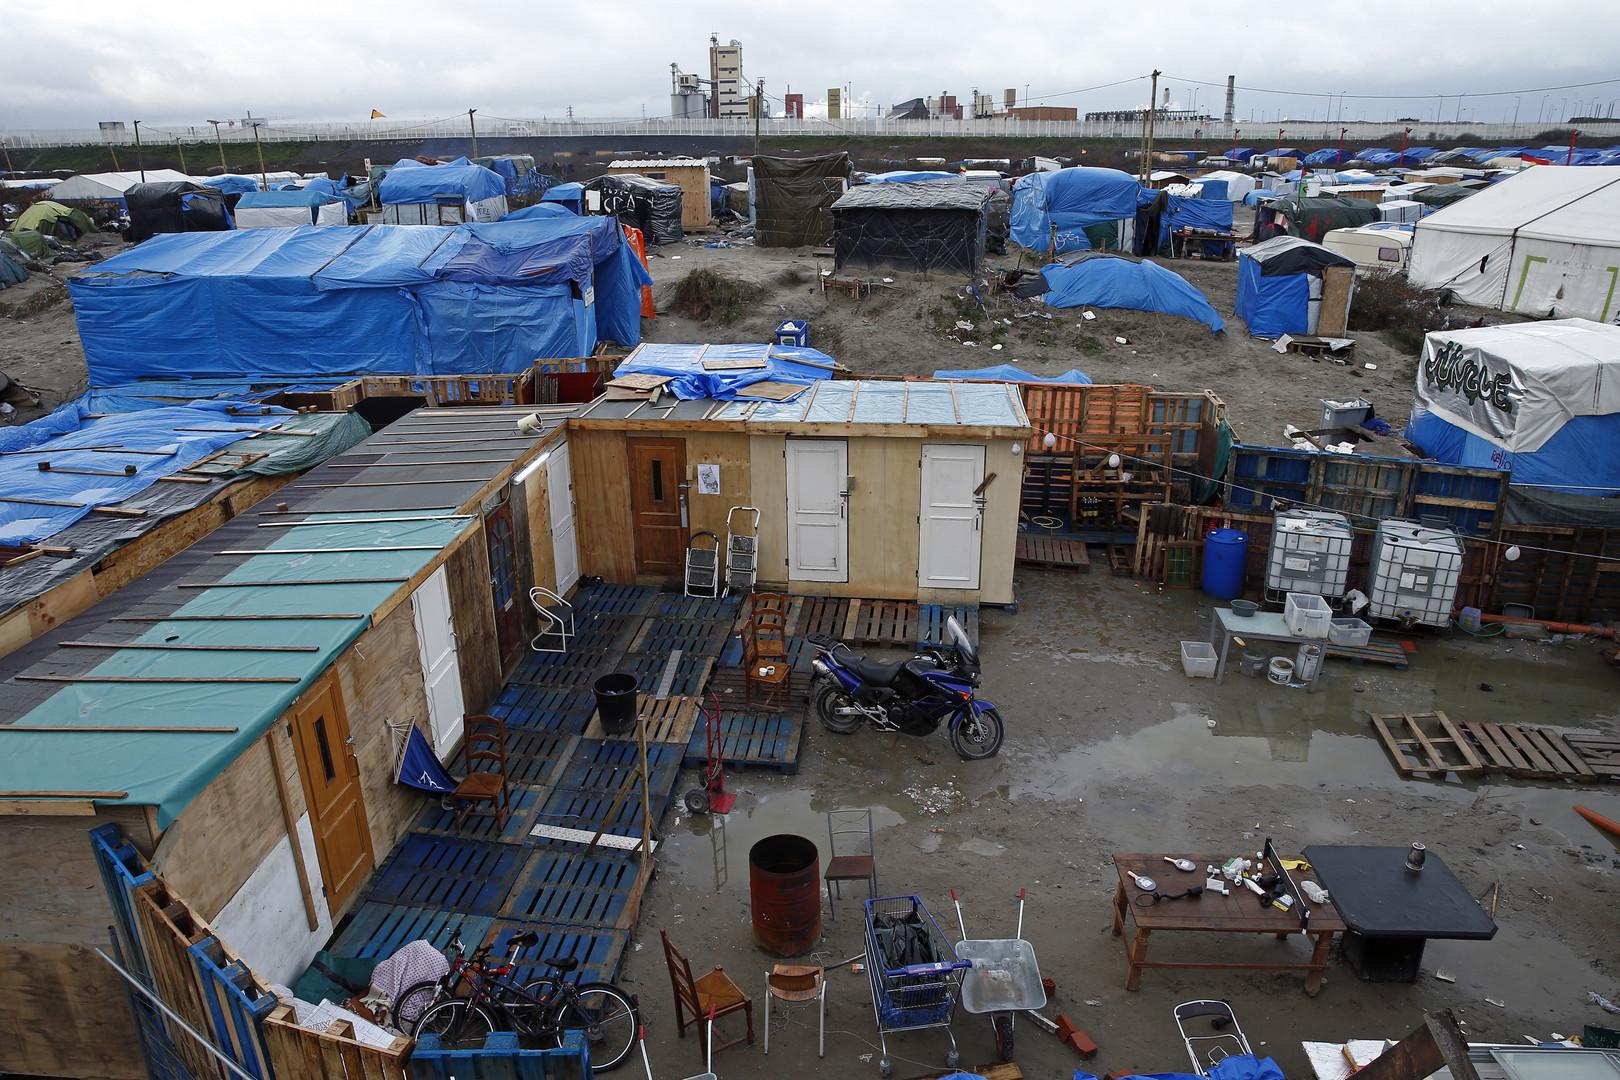 Des résidents de Calais s'opposent aux bulldozers et à l'ultimatum des forces de l'ordre